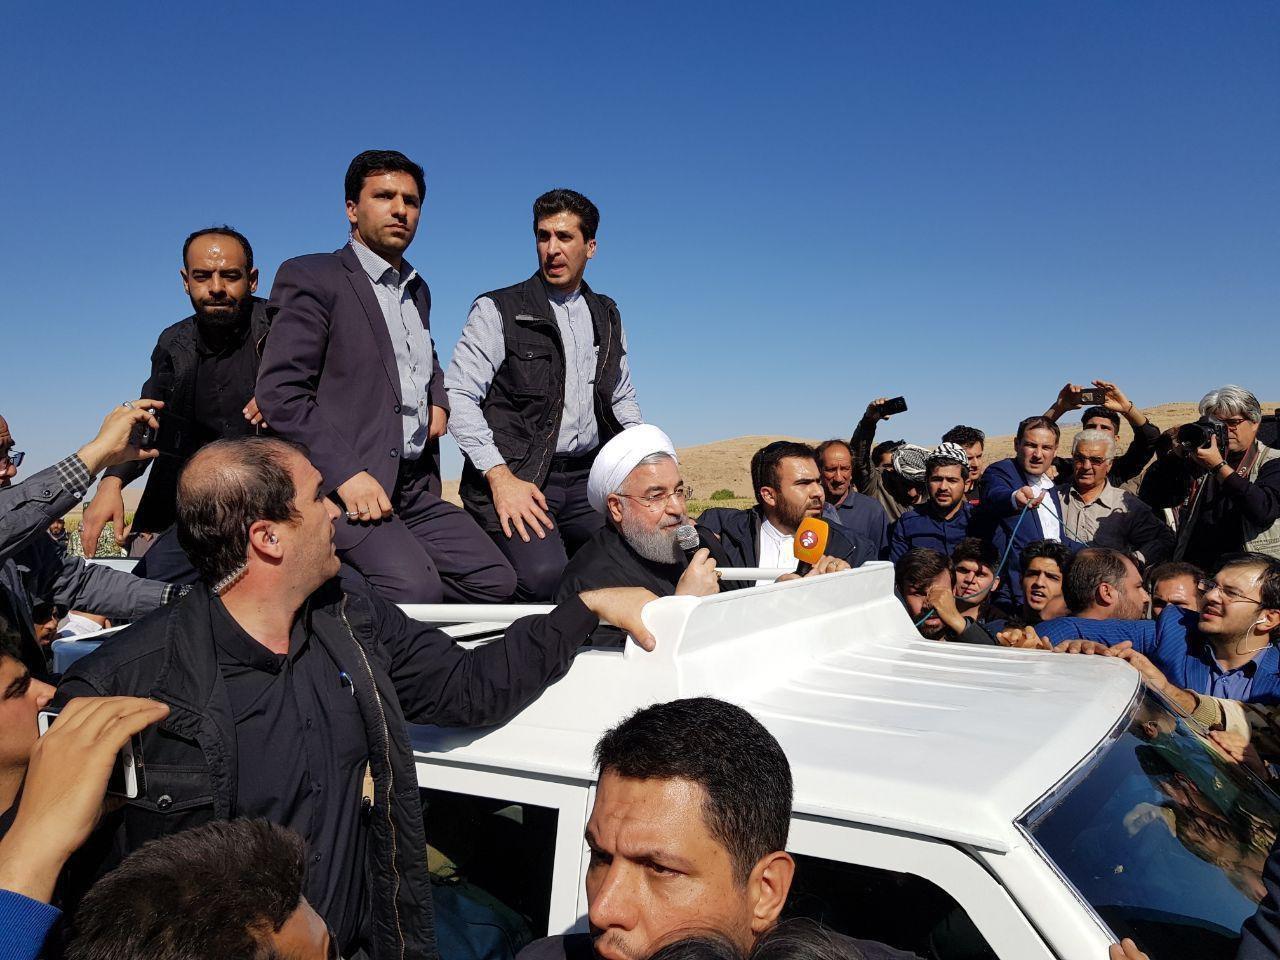 واعظی: روحانی در کرمانشاه از ماشین پیاده شد